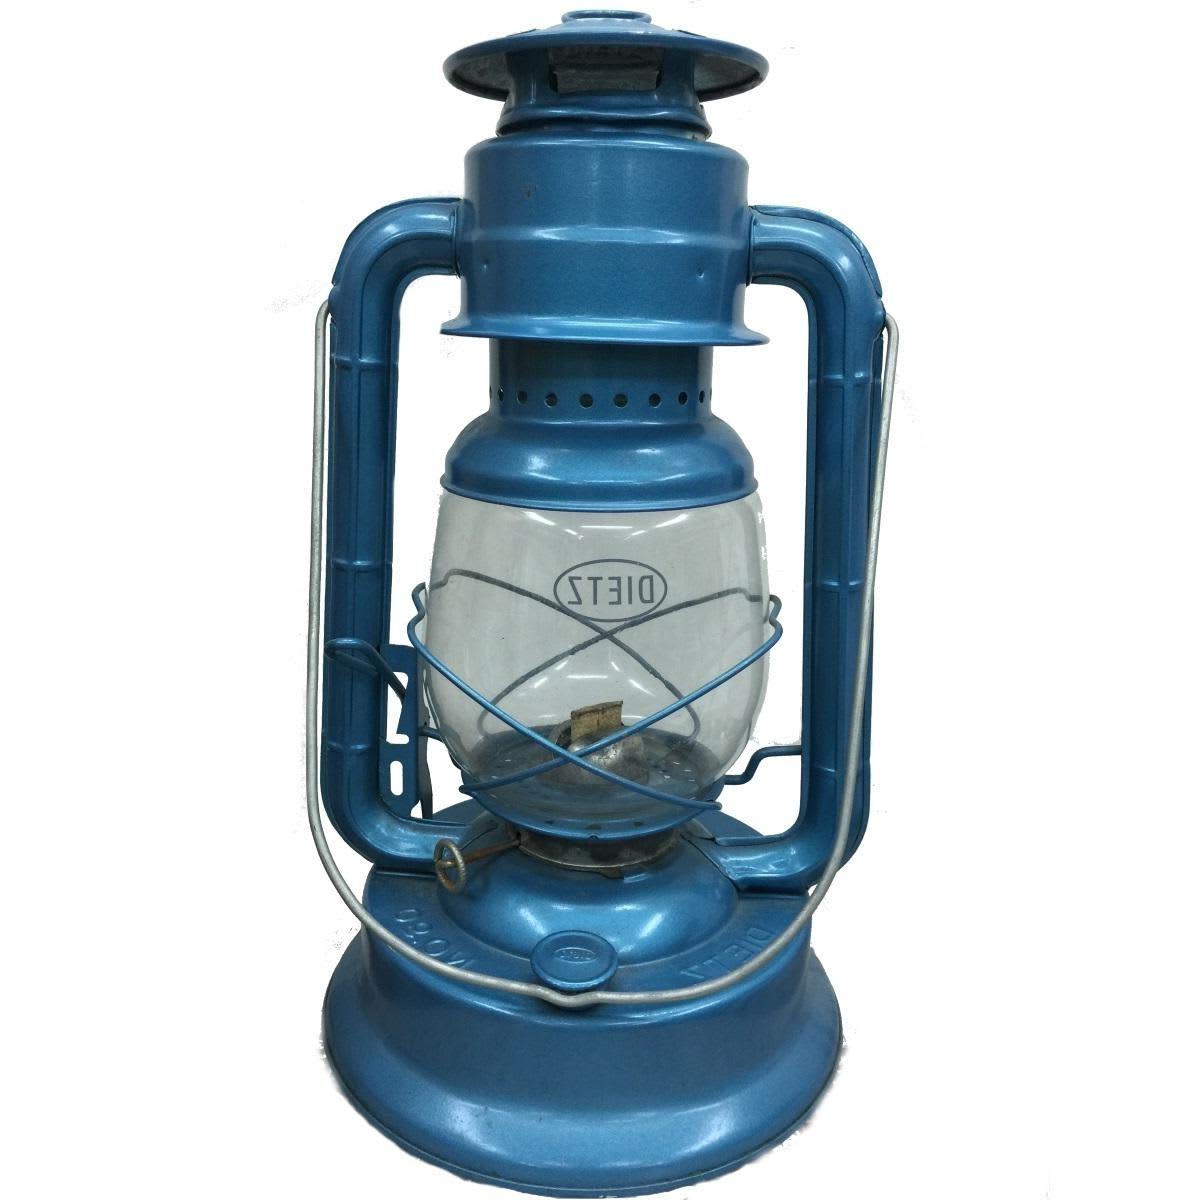 Dietz Kerosene Lantern Large With Regard To Trendy Outdoor Kerosene Lanterns (View 12 of 20)